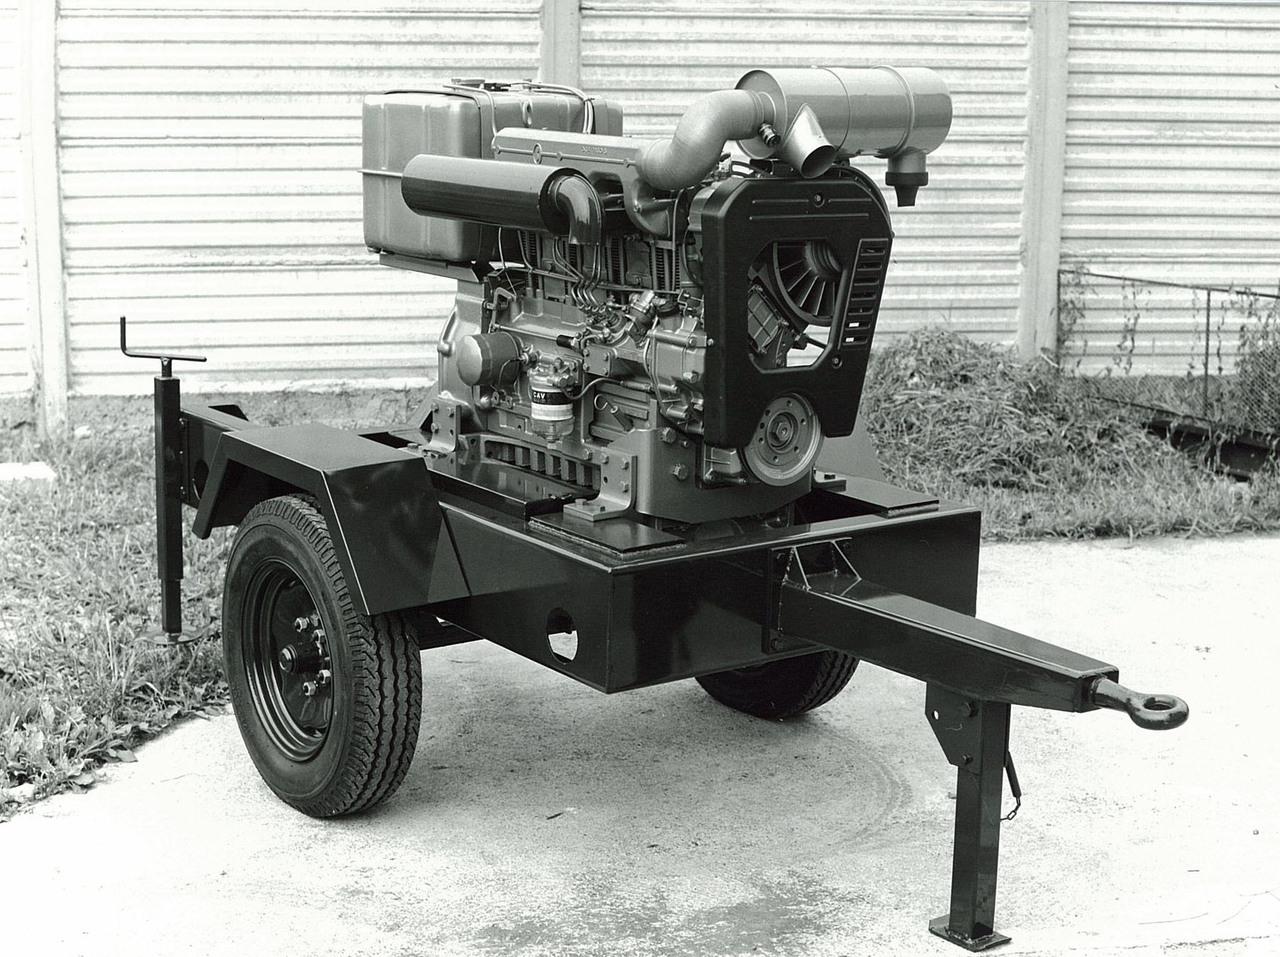 Motore SAME/ADIM serie P per uso industriale - 4 cilindri su carrello